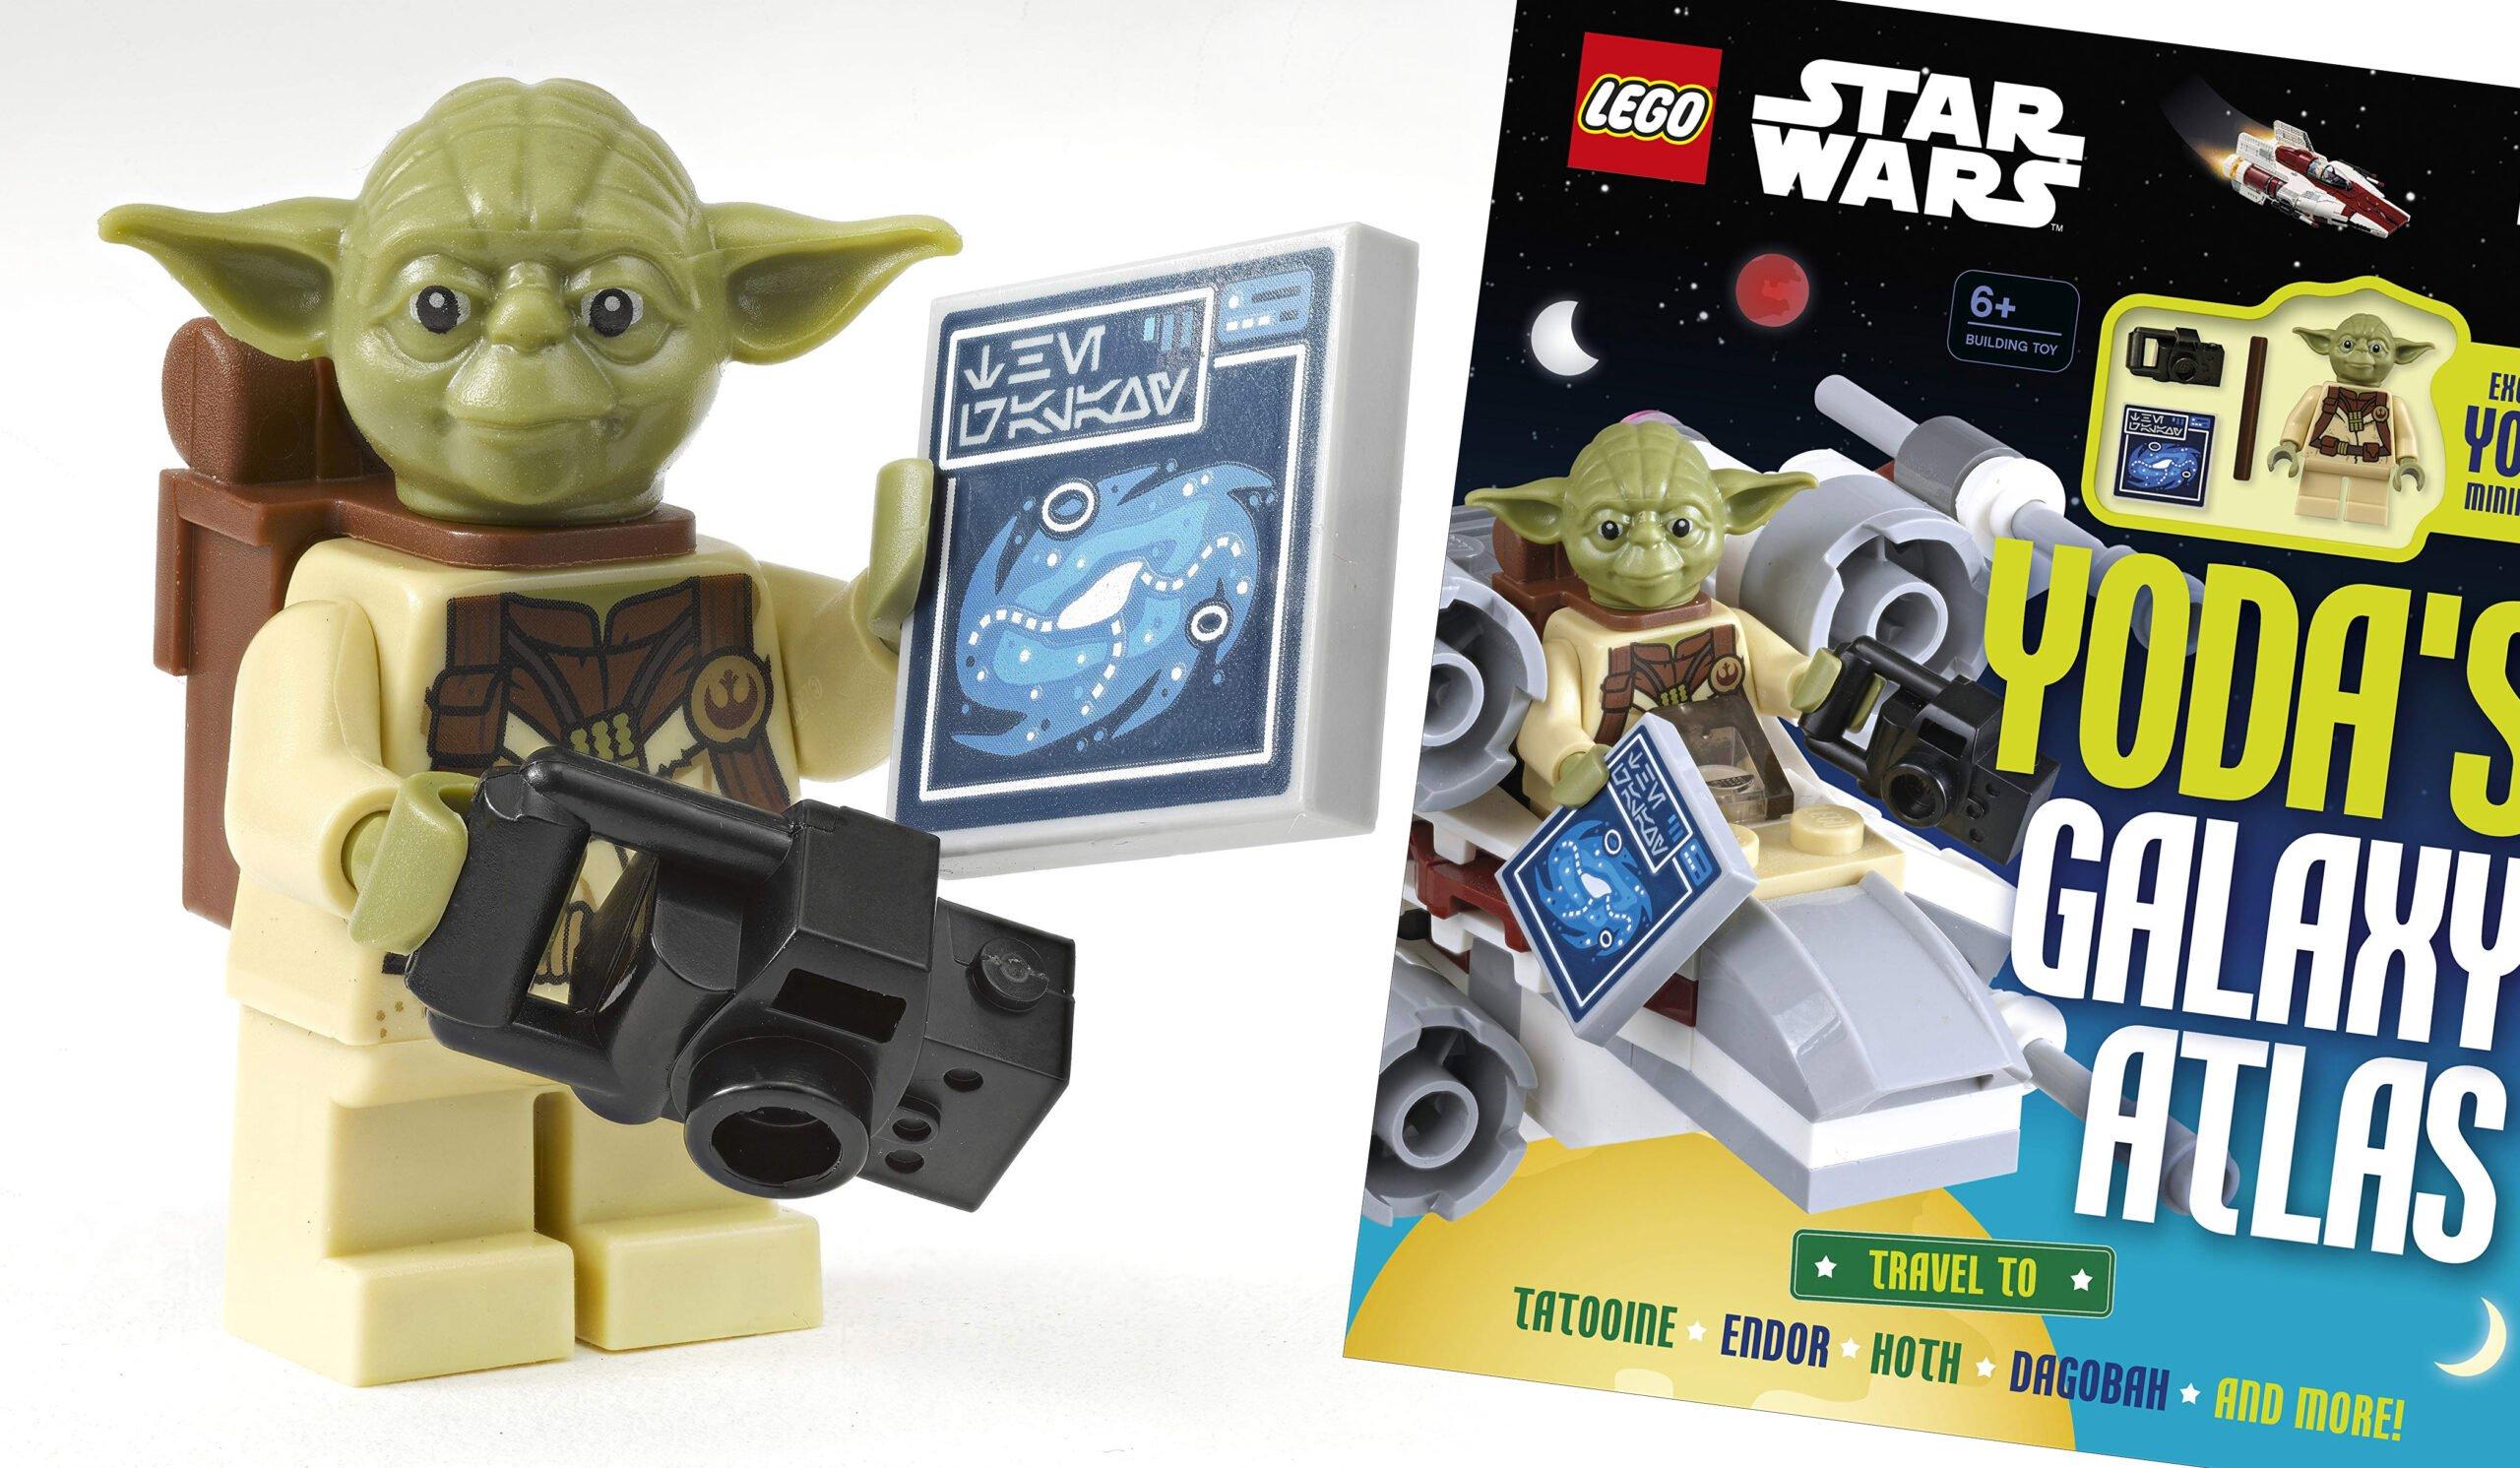 Imagen de LEGO Star Wars Galaxy Atlas